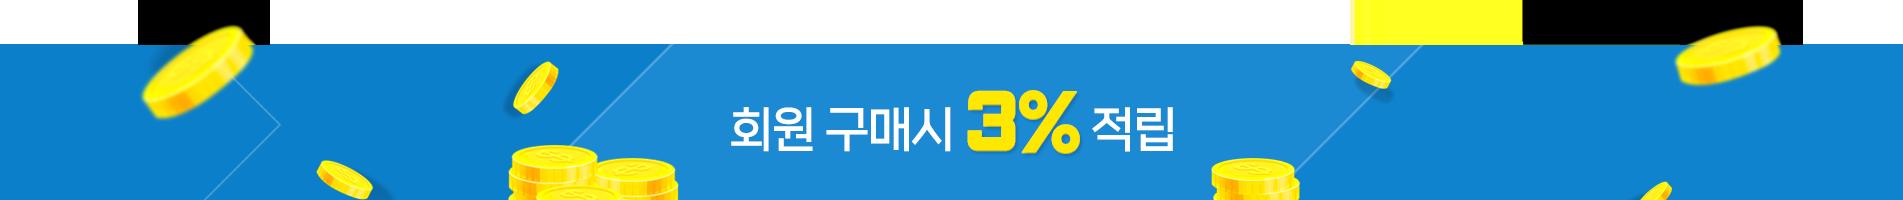 회원구매시 3%적립